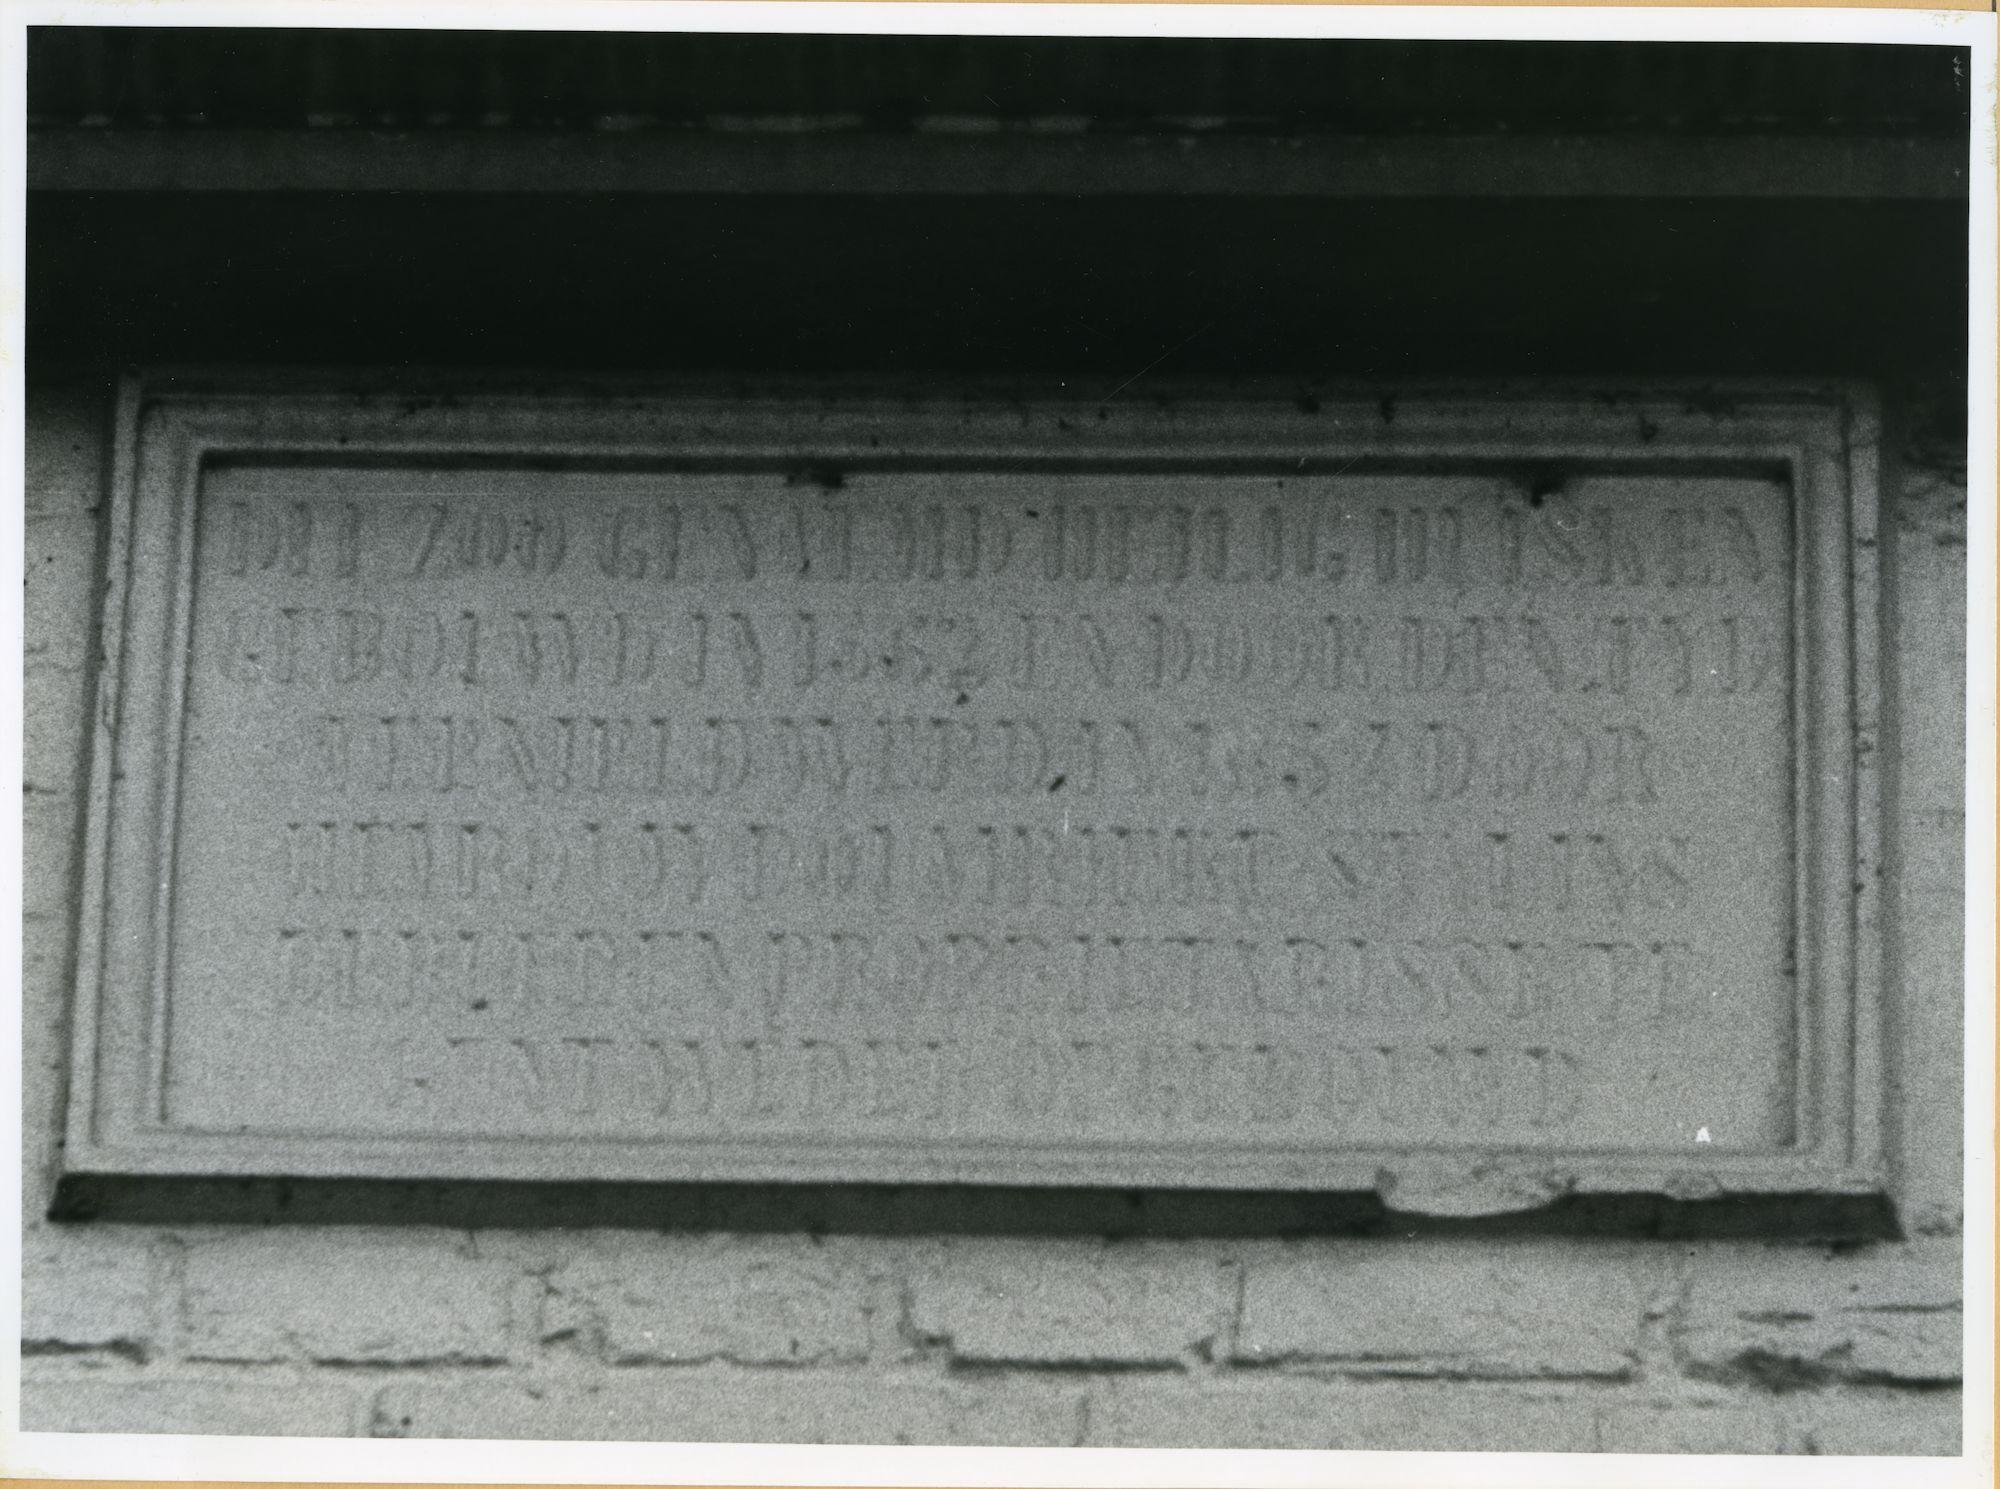 Drongen: Slingerstraat 1: Gedenkplaat, 1979